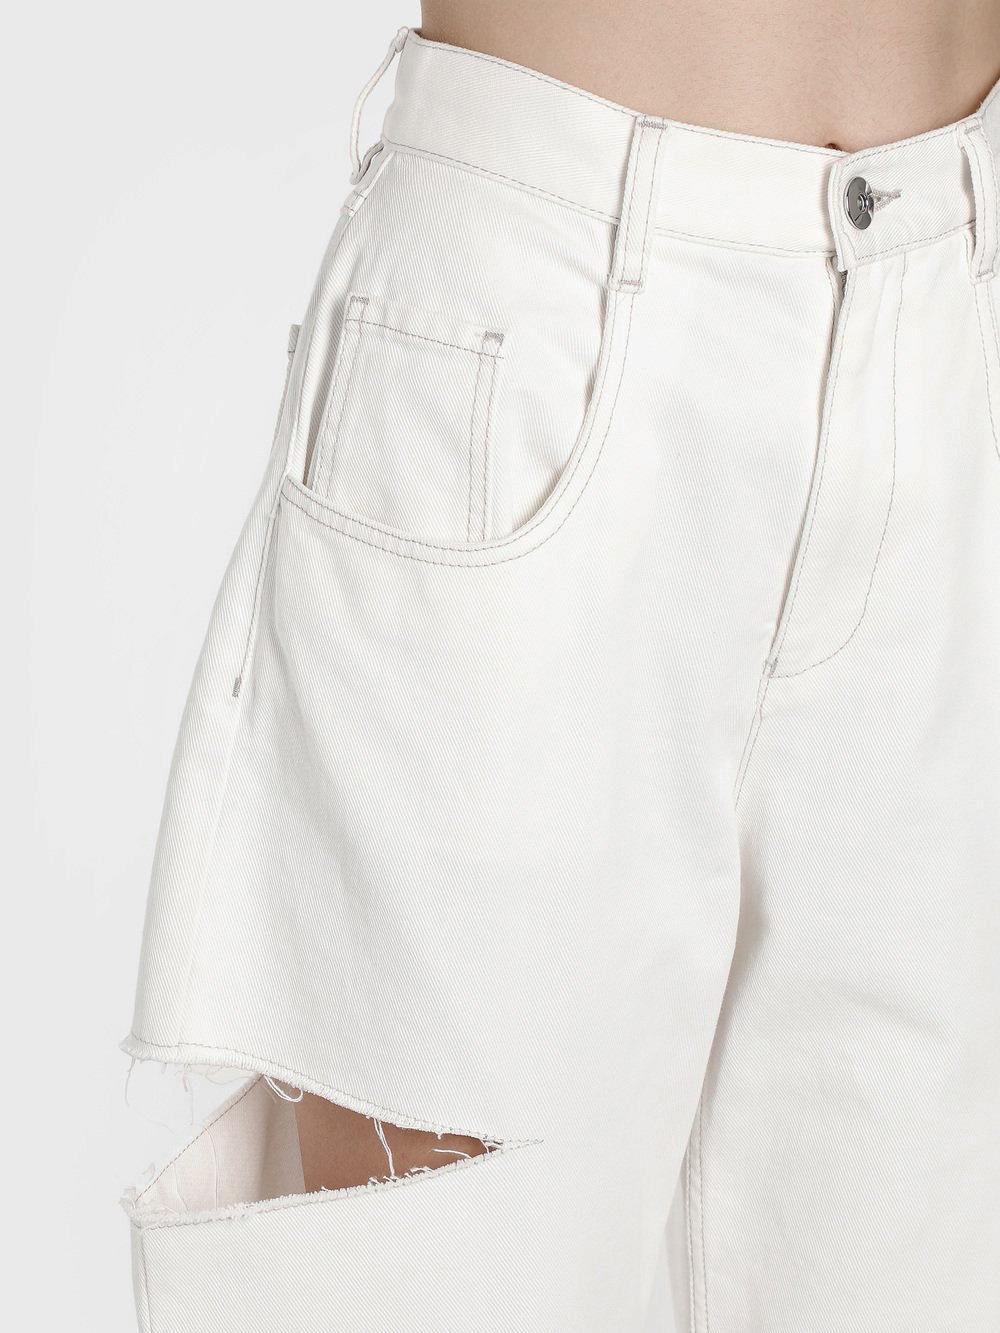 Как отбеливать одежду